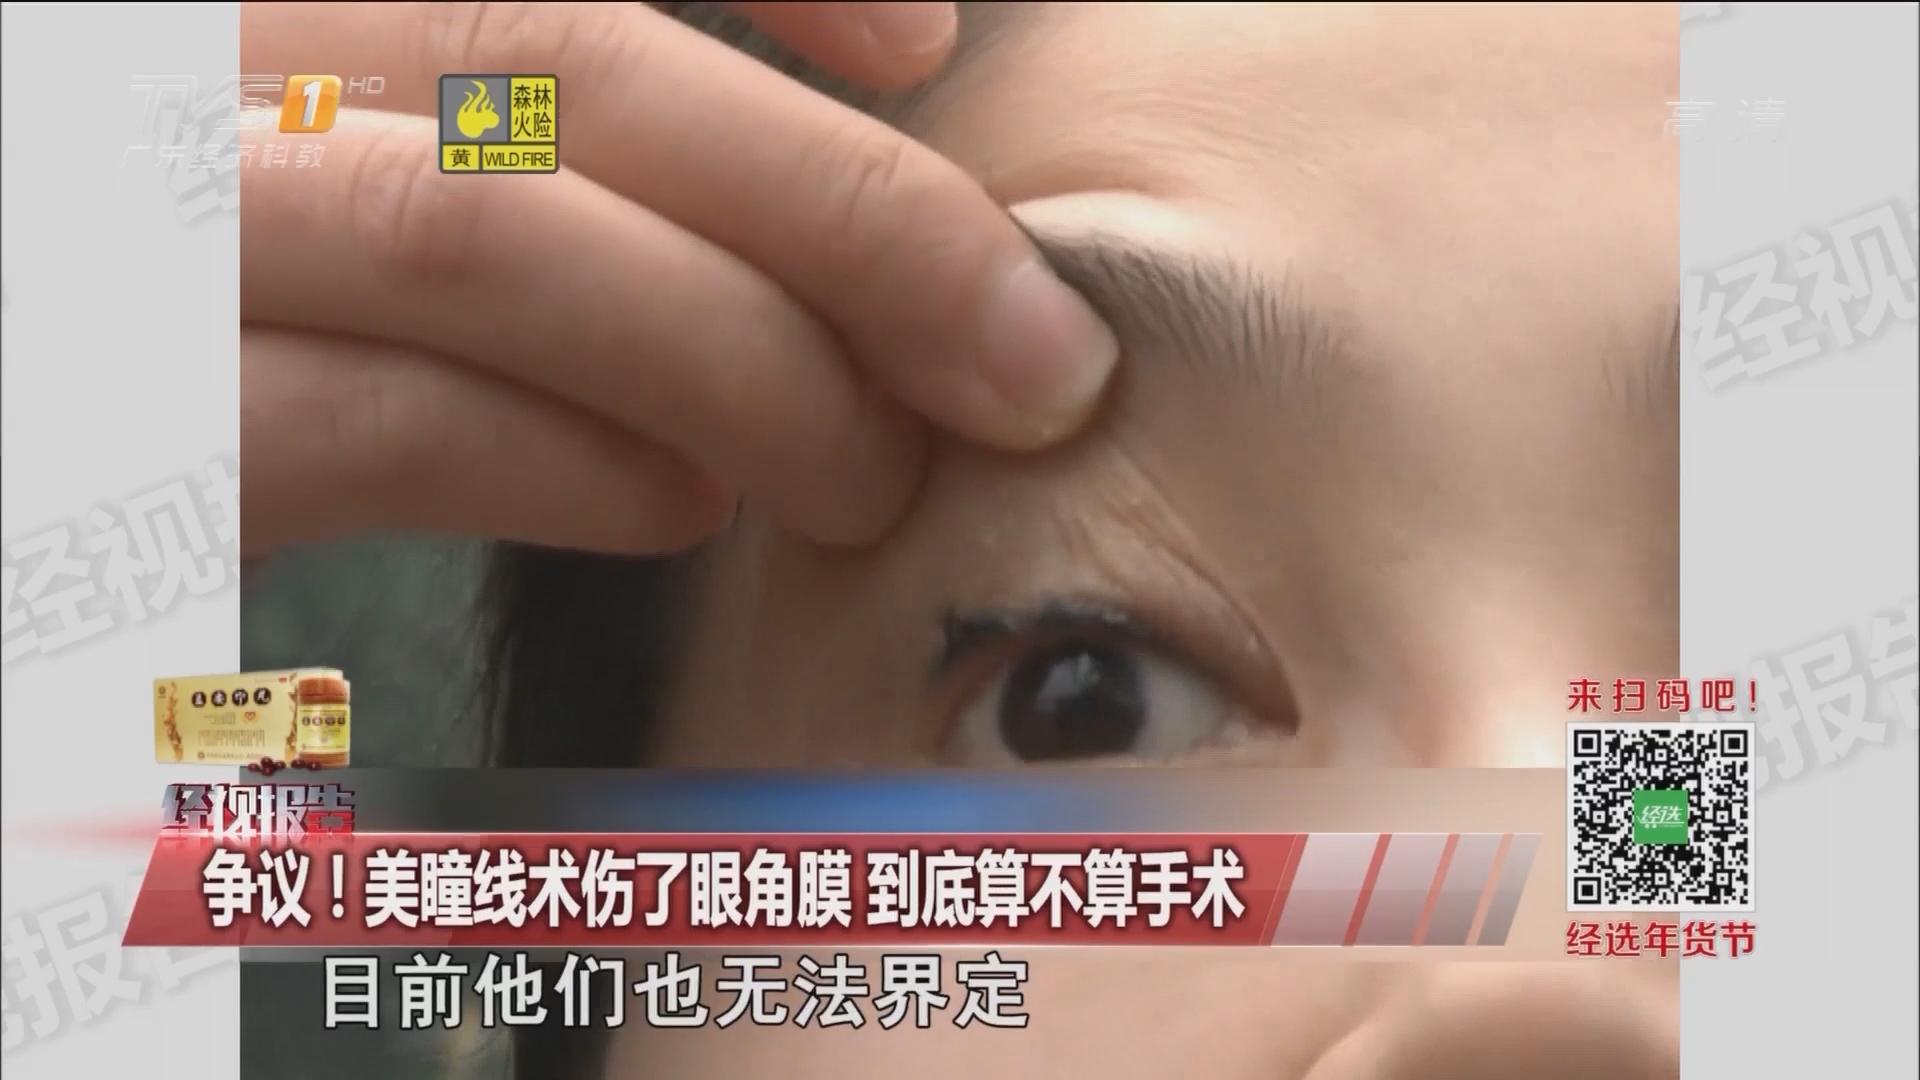 争议!美瞳线术伤了眼角膜 到底算不算手术